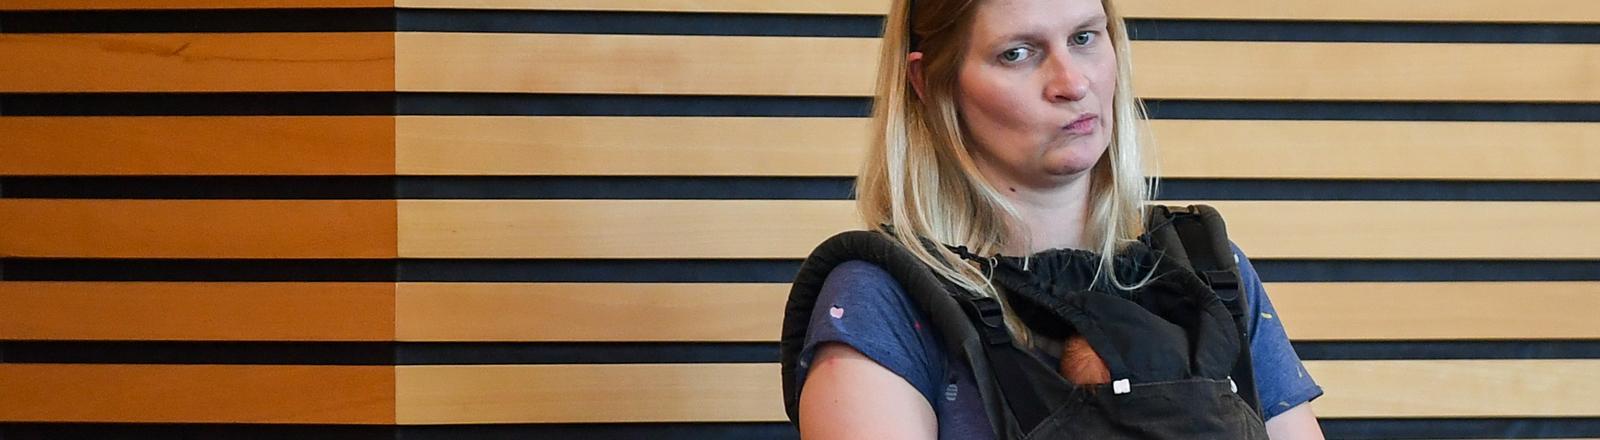 Erfurt: Die Abgeordnete Madeleine Henfling (Grüne) steht mit ihrem neugeborenen Baby im Thüringer Landtag